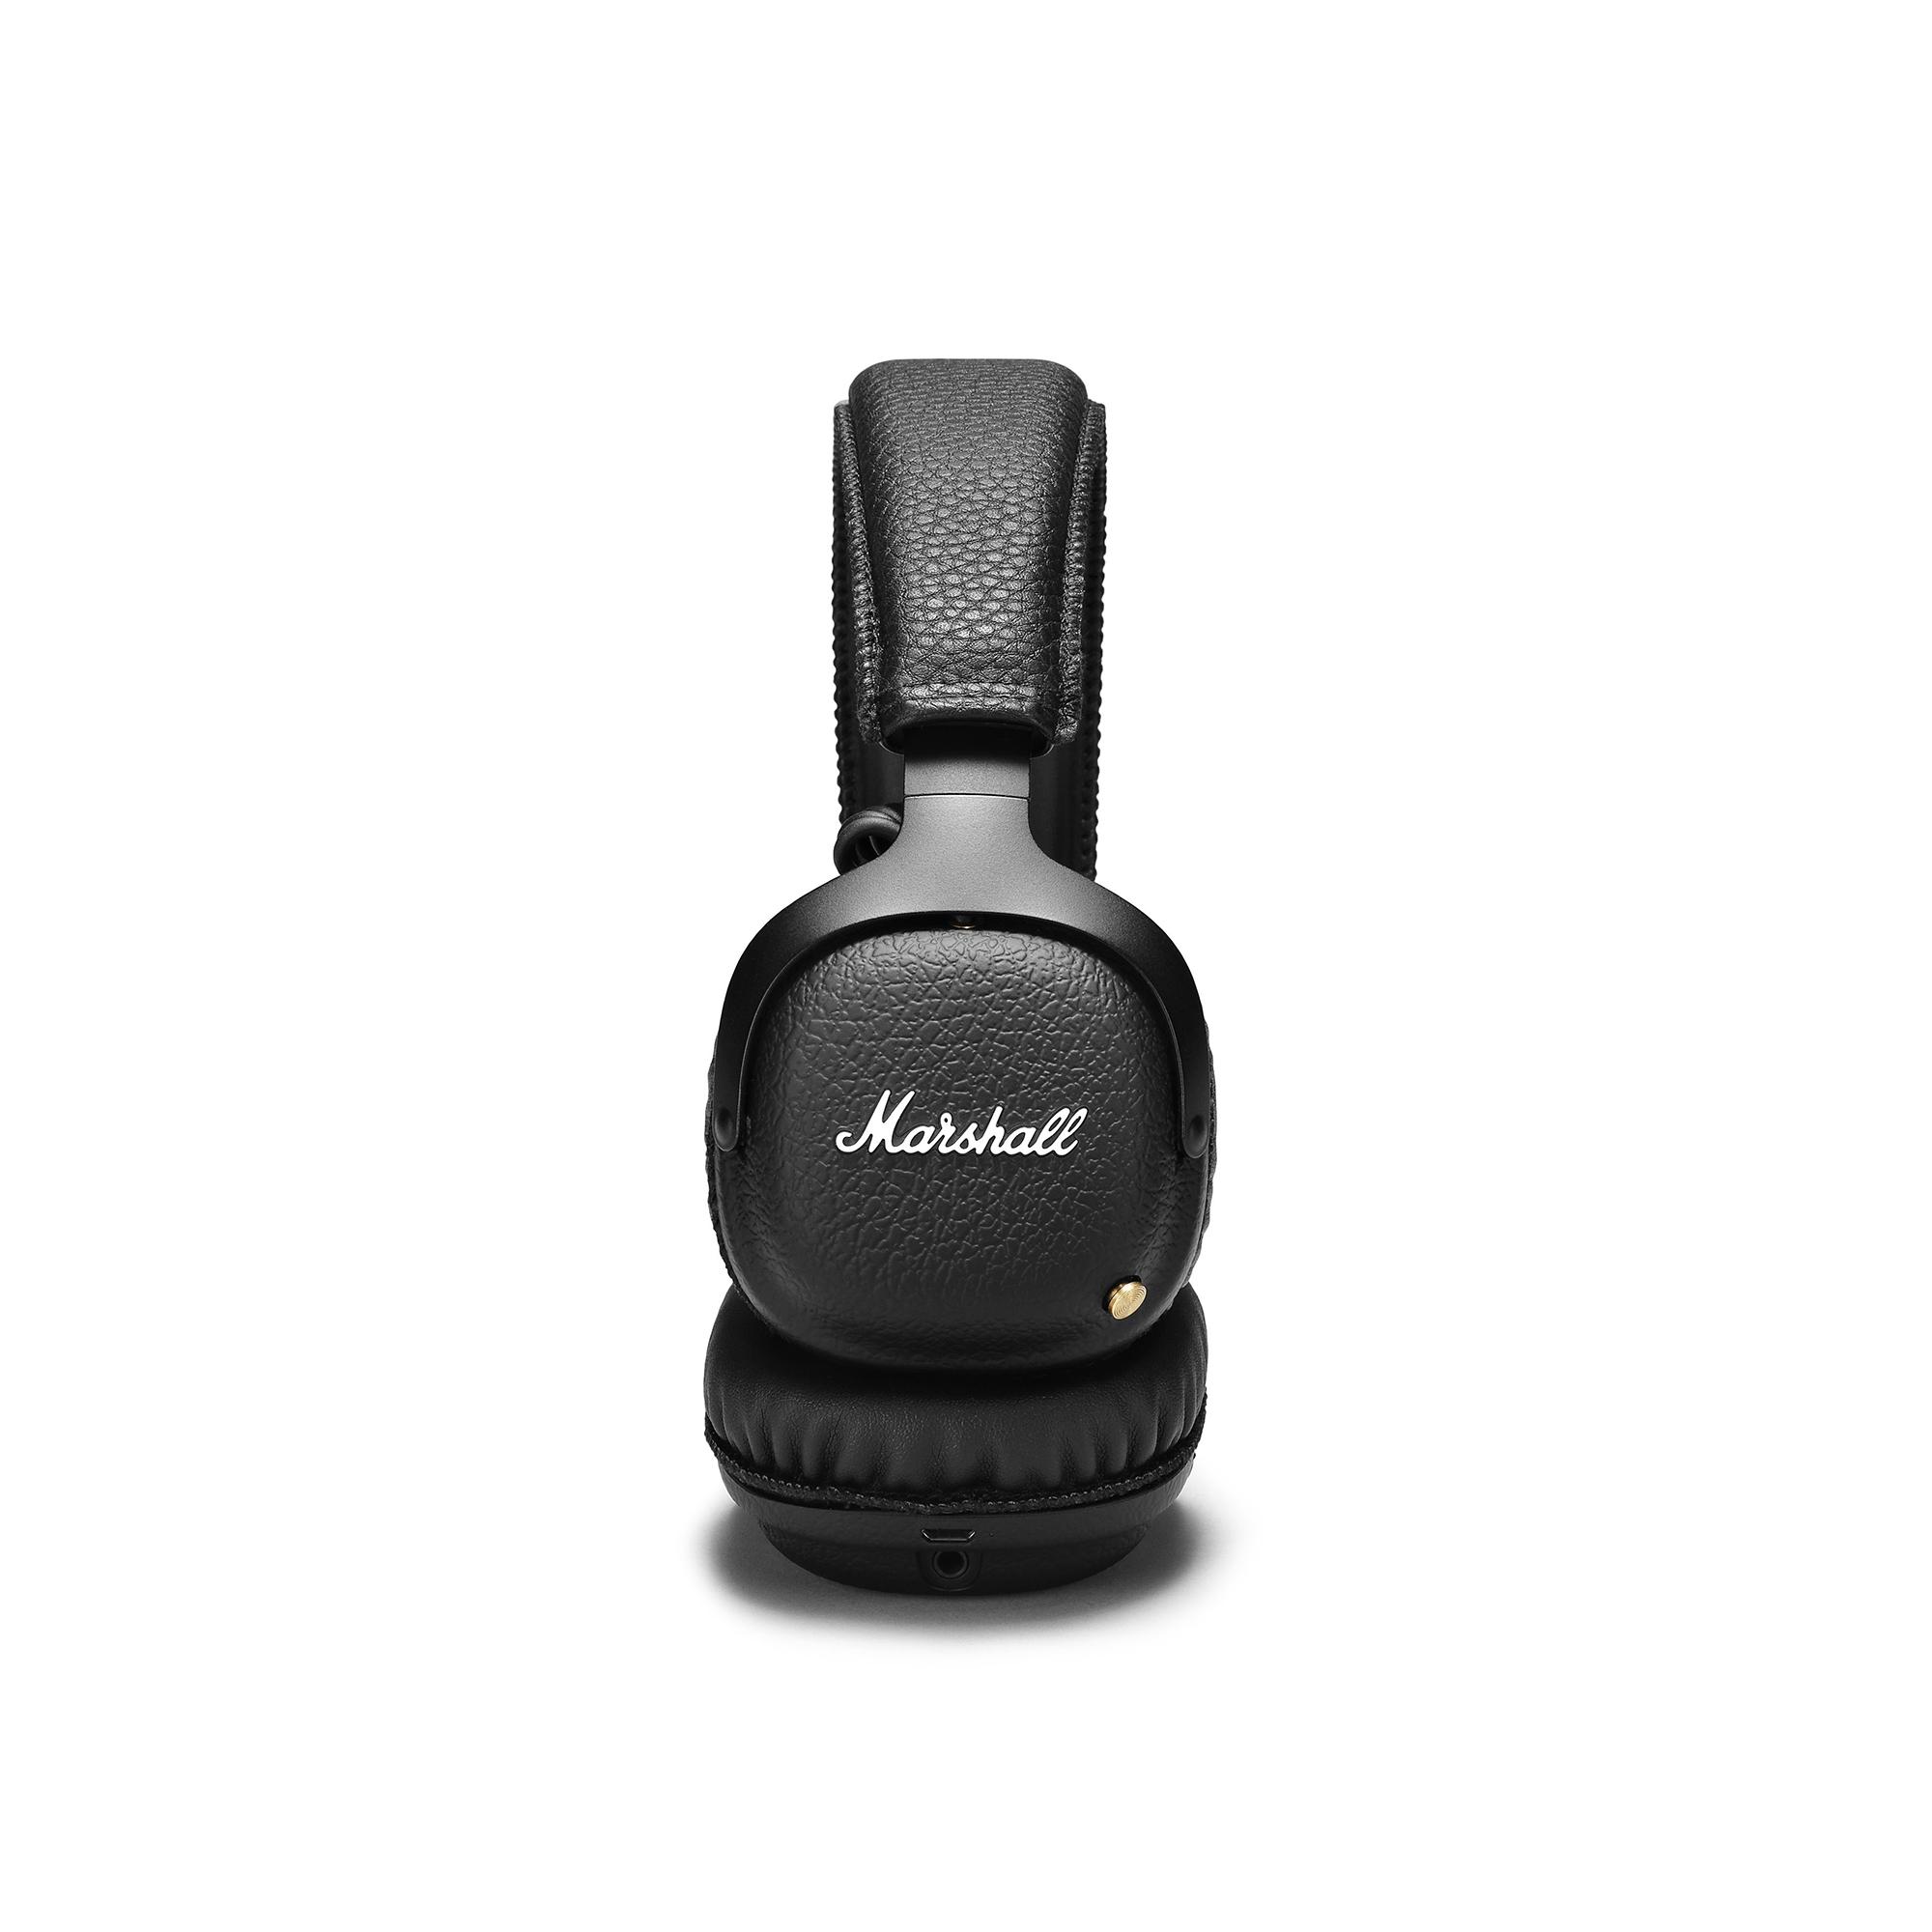 5f72fa31b63 Marshall - Mid BT Wireless